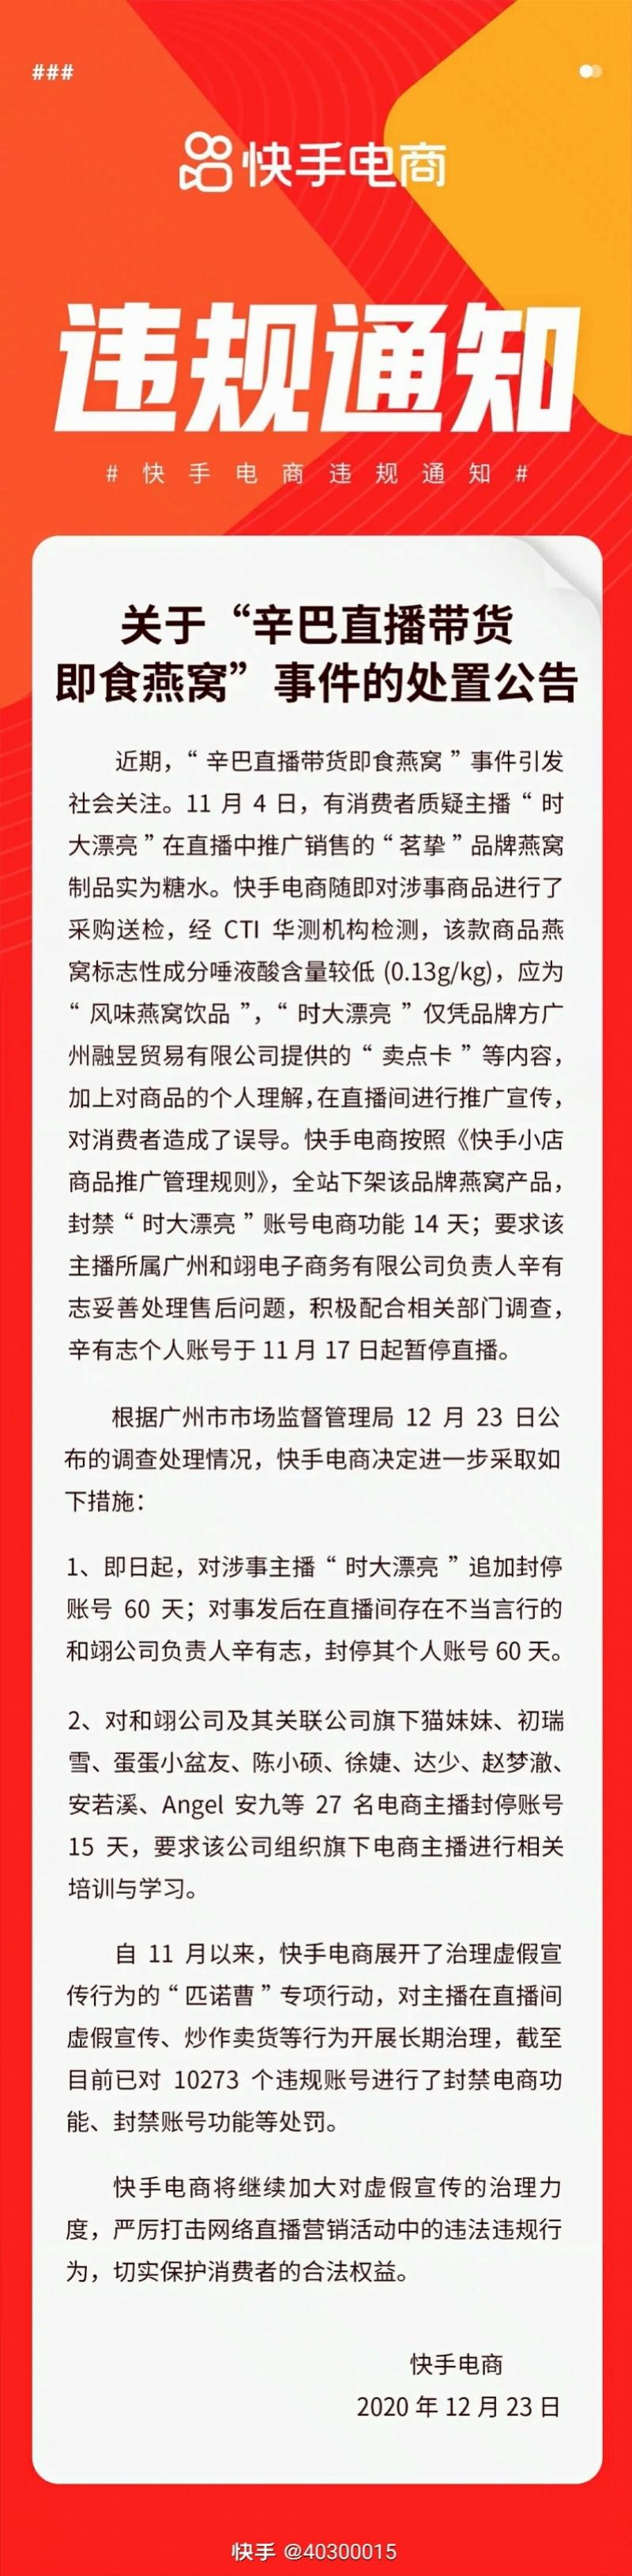 辛巴燕窝事件行政处罚说明,快手封辛有志账号60天,公司罚90万